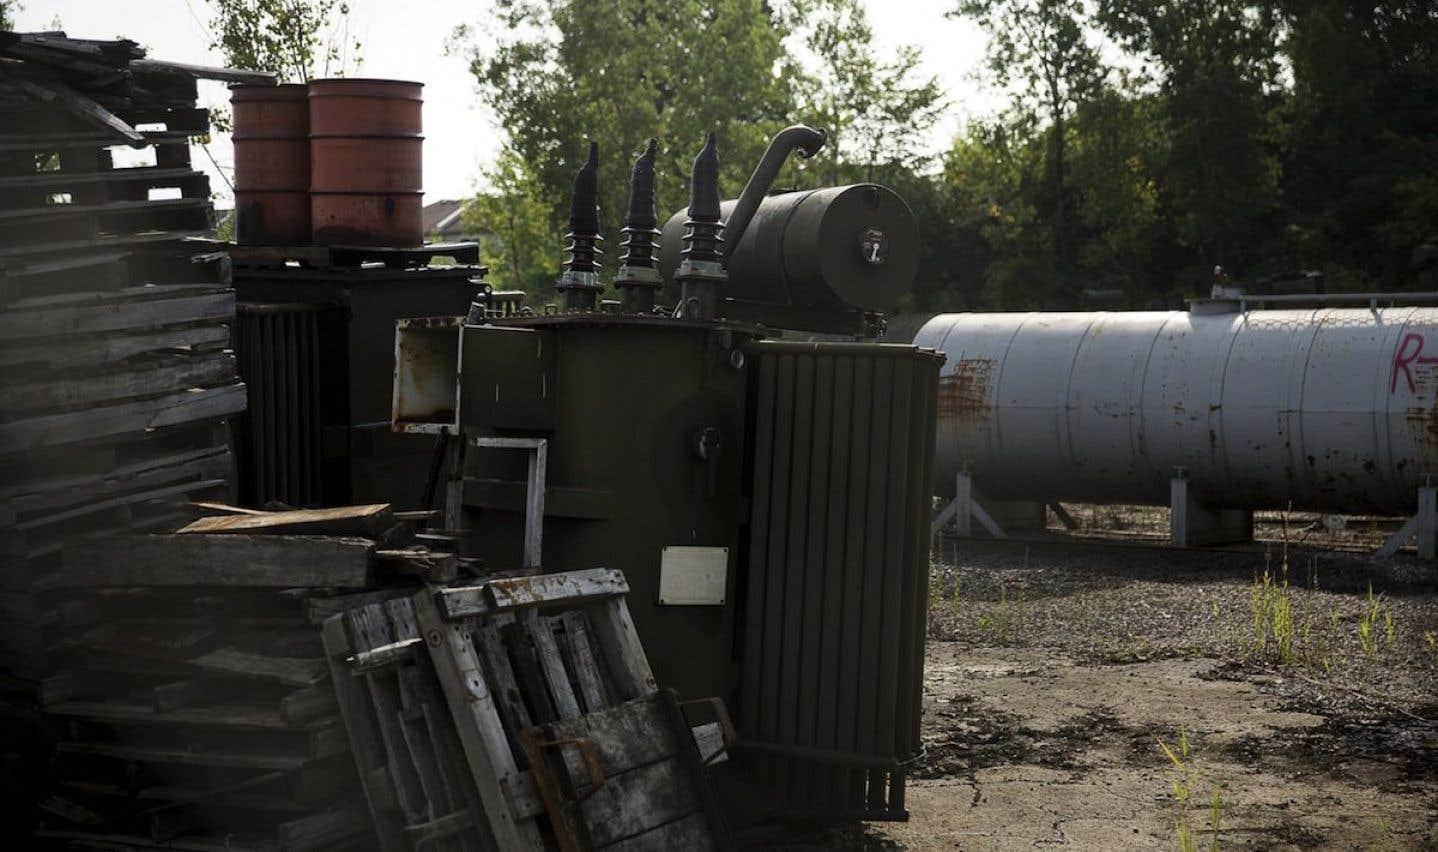 BPC à Pointe-Claire: Québec forcé de se charger du nettoyage